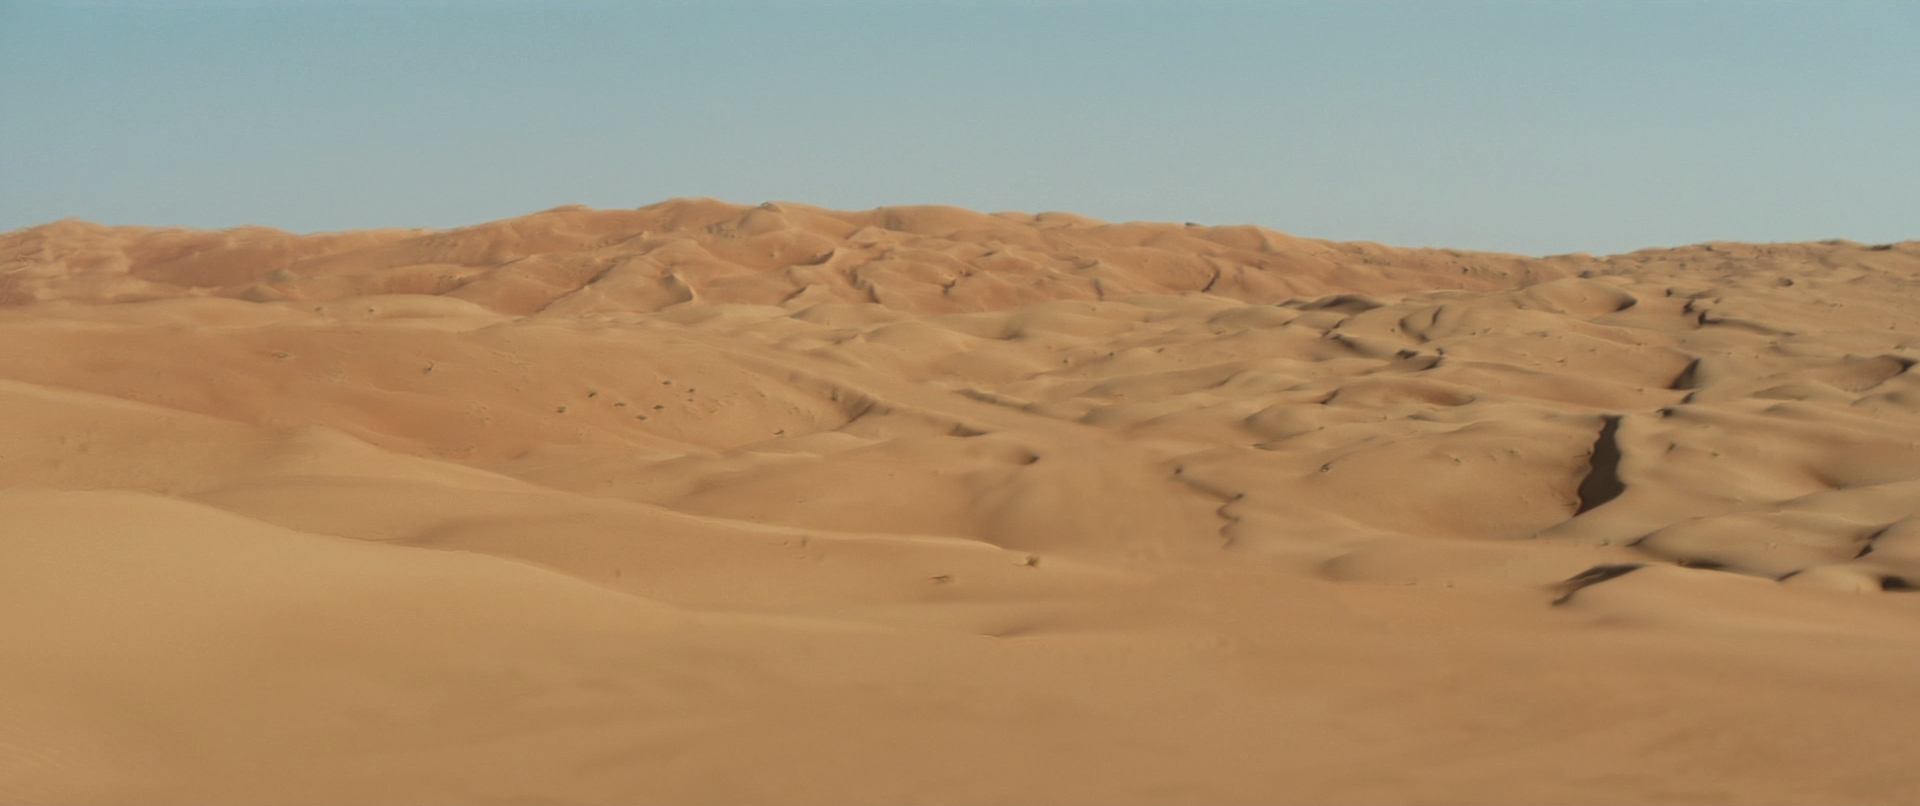 Desert Planet Landscape